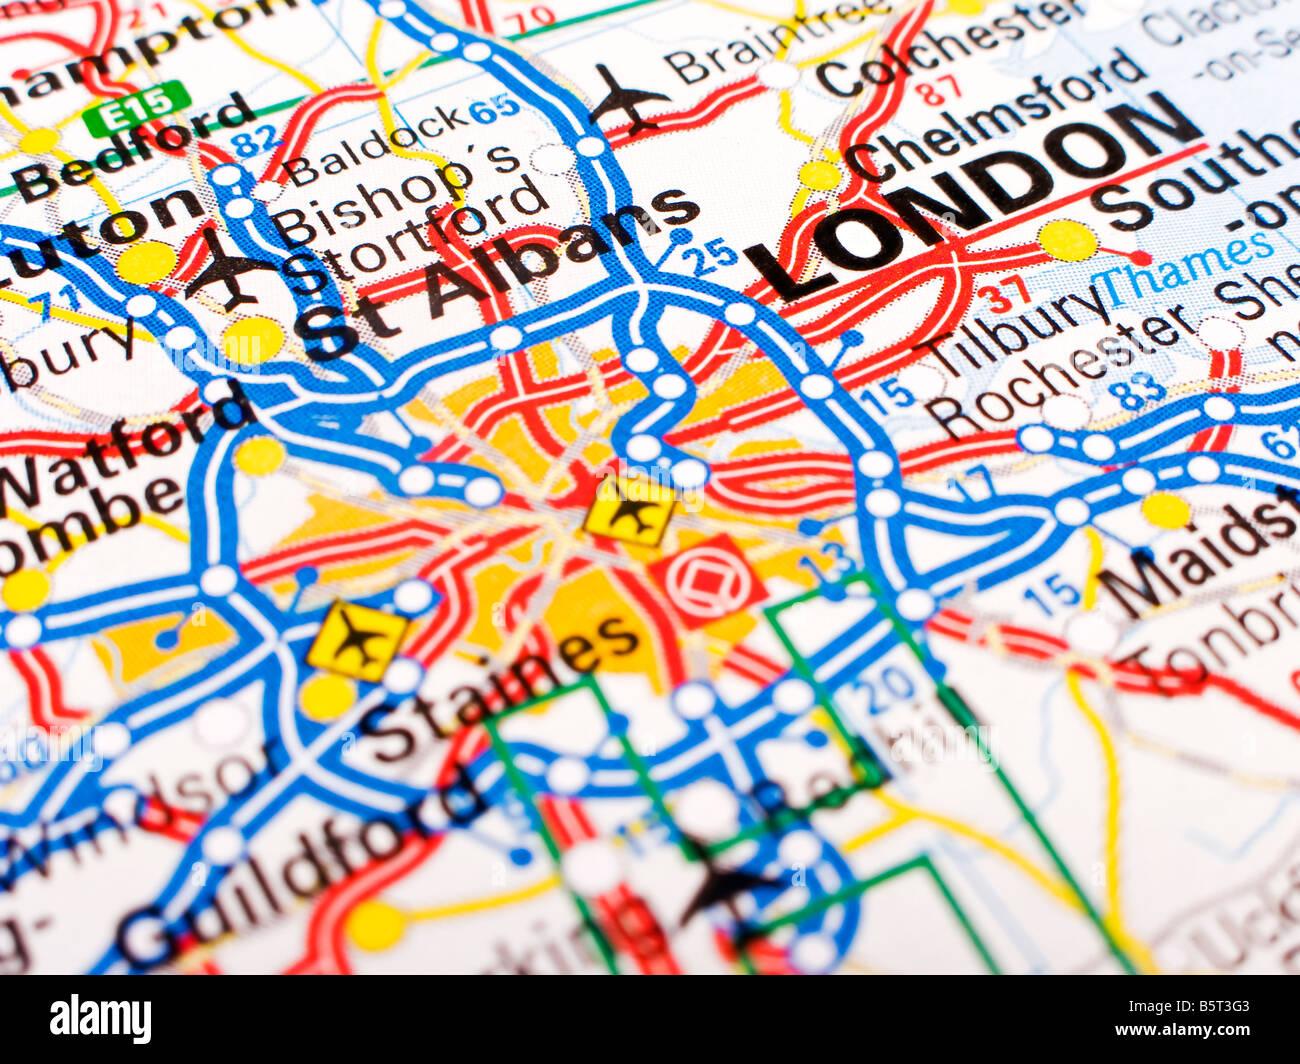 Cartina Stradale Londra.In Prossimita Di Una Cartina Stradale Di Londra Foto Stock Alamy